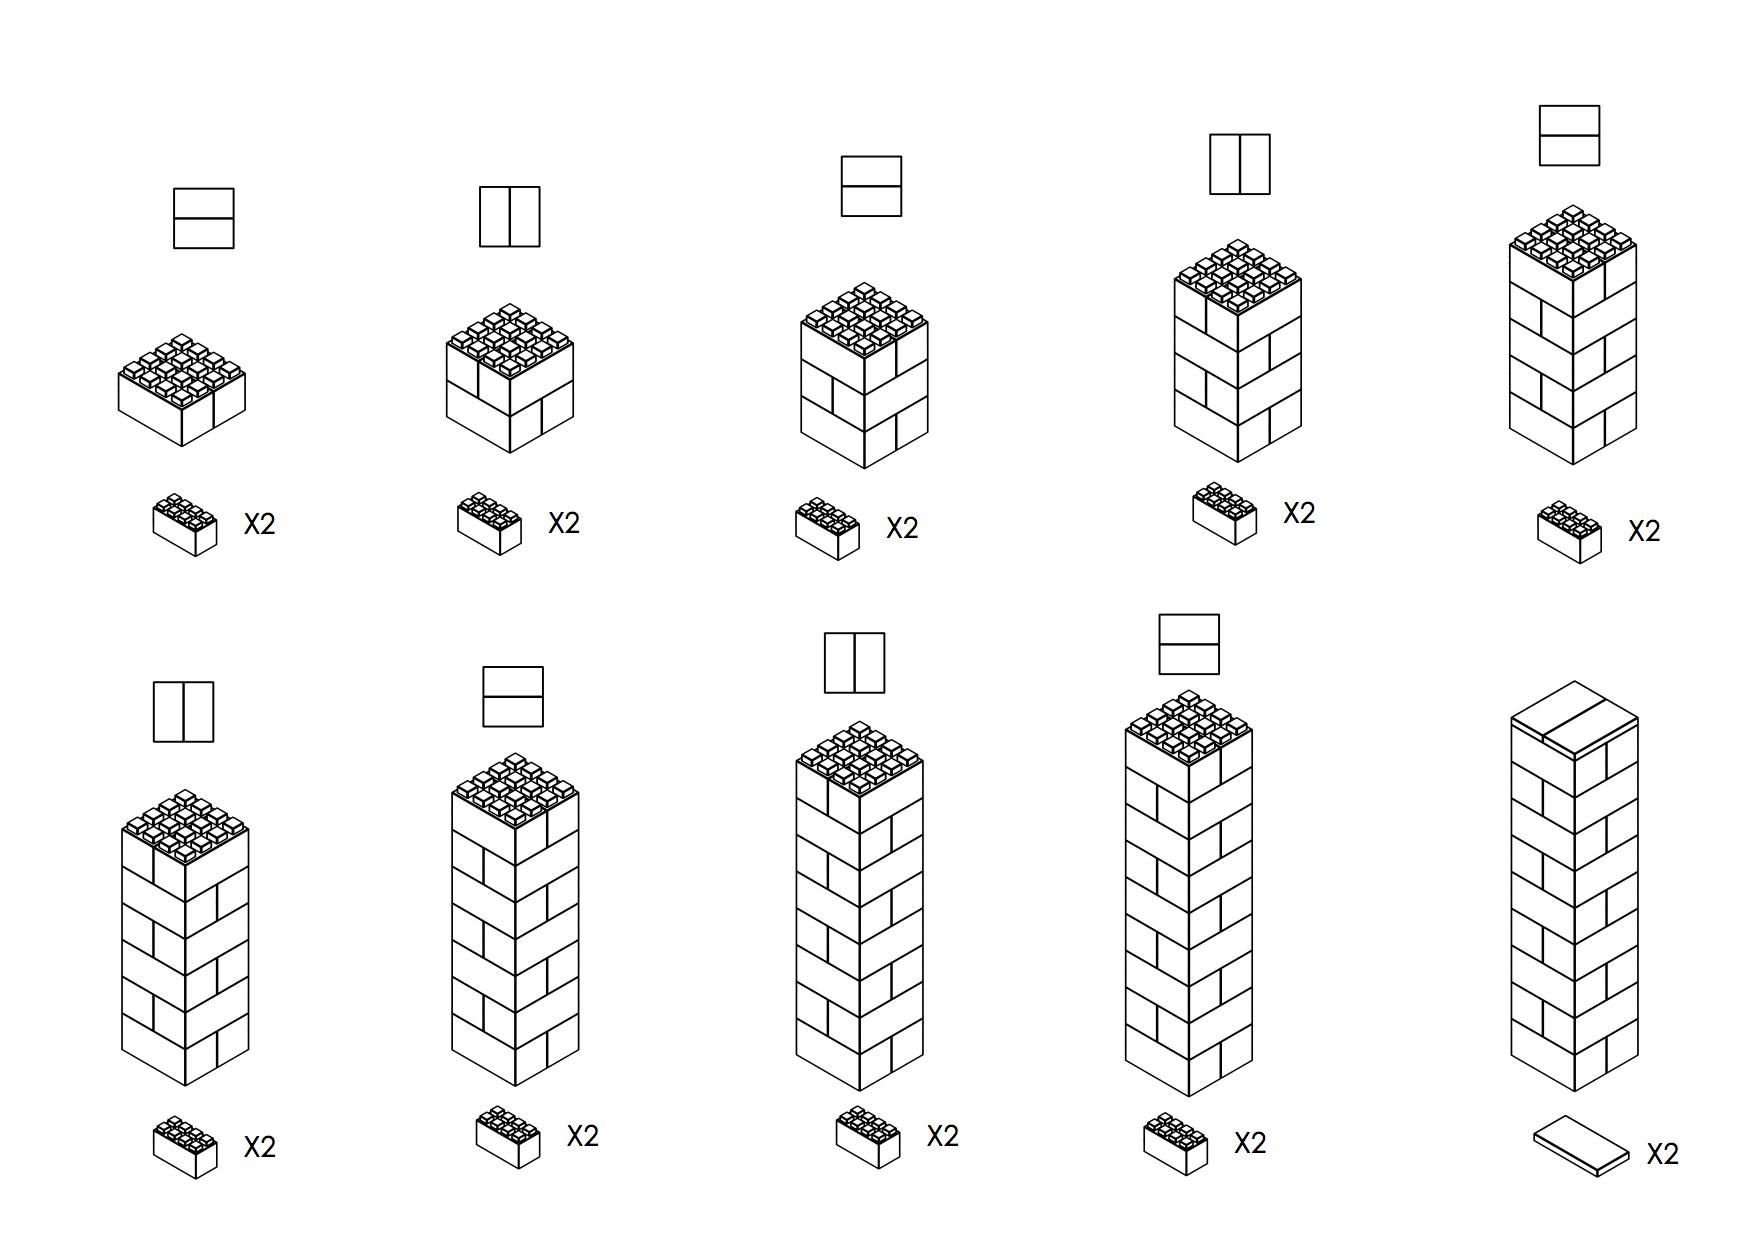 PO006_Plinth 2 block-layer 54.png